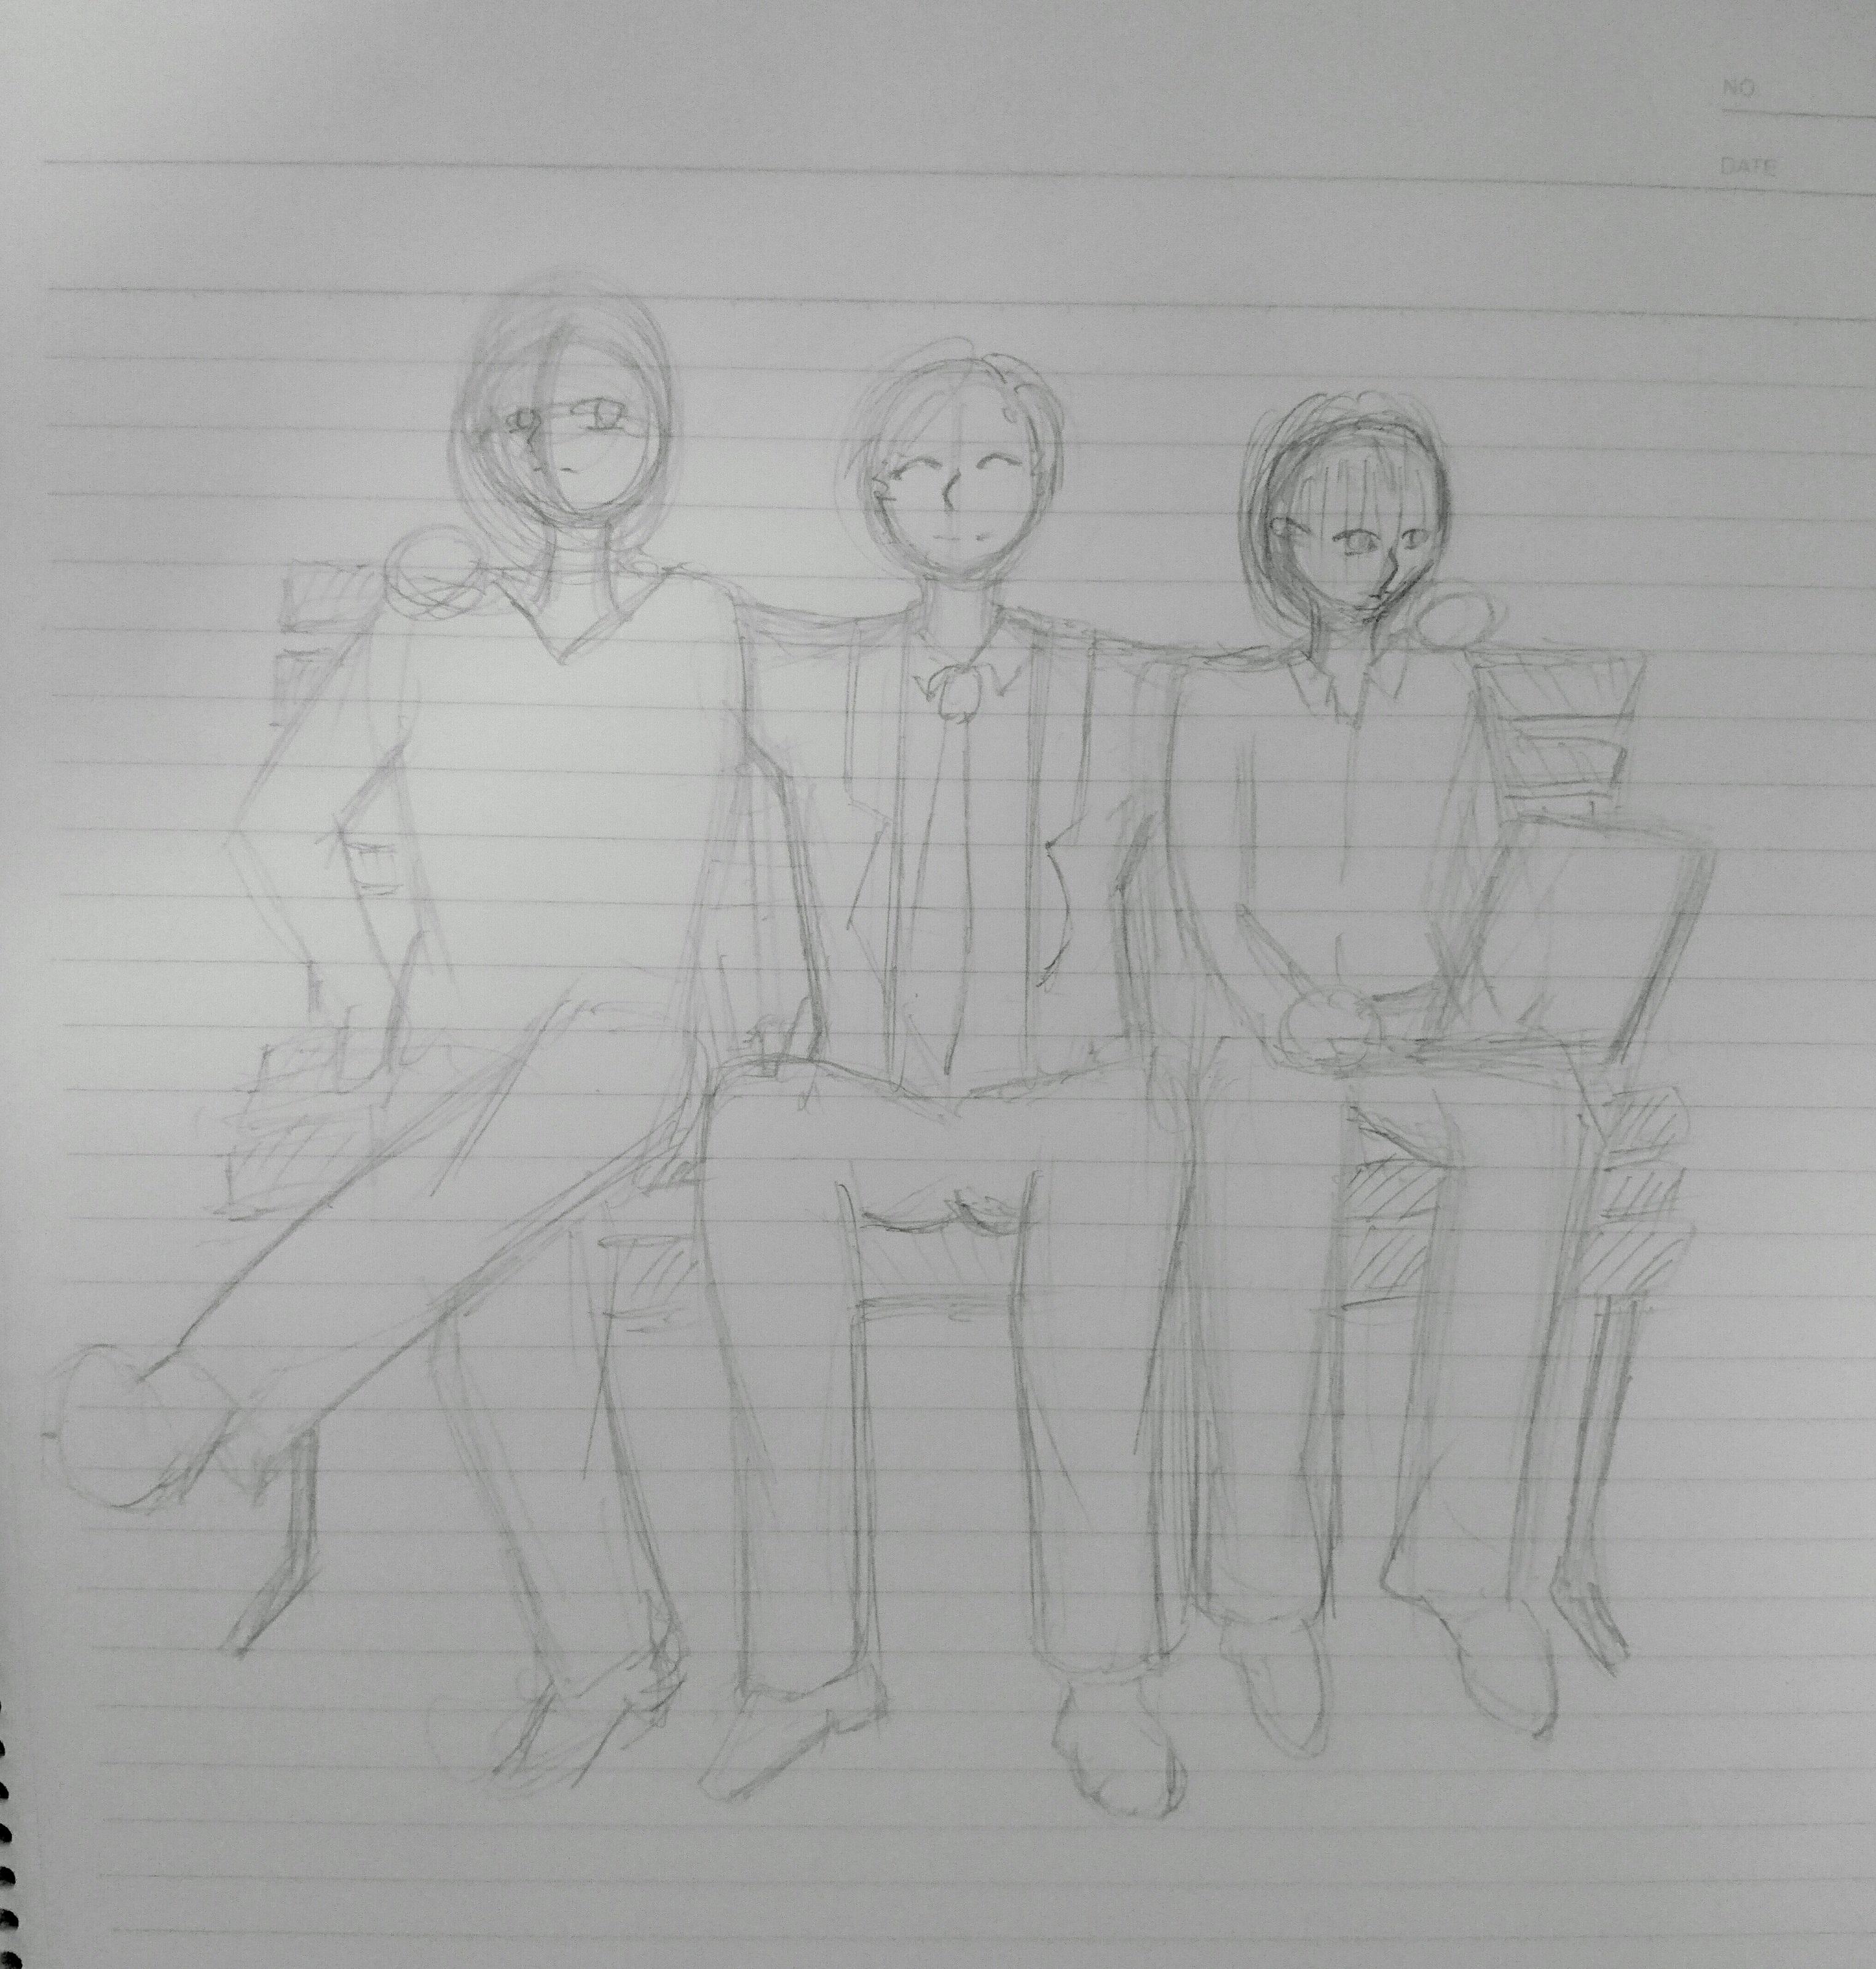 小説の表紙 男性3人のイラスト 背景無し スキマ スキルのオーダーメイドマーケット Skima